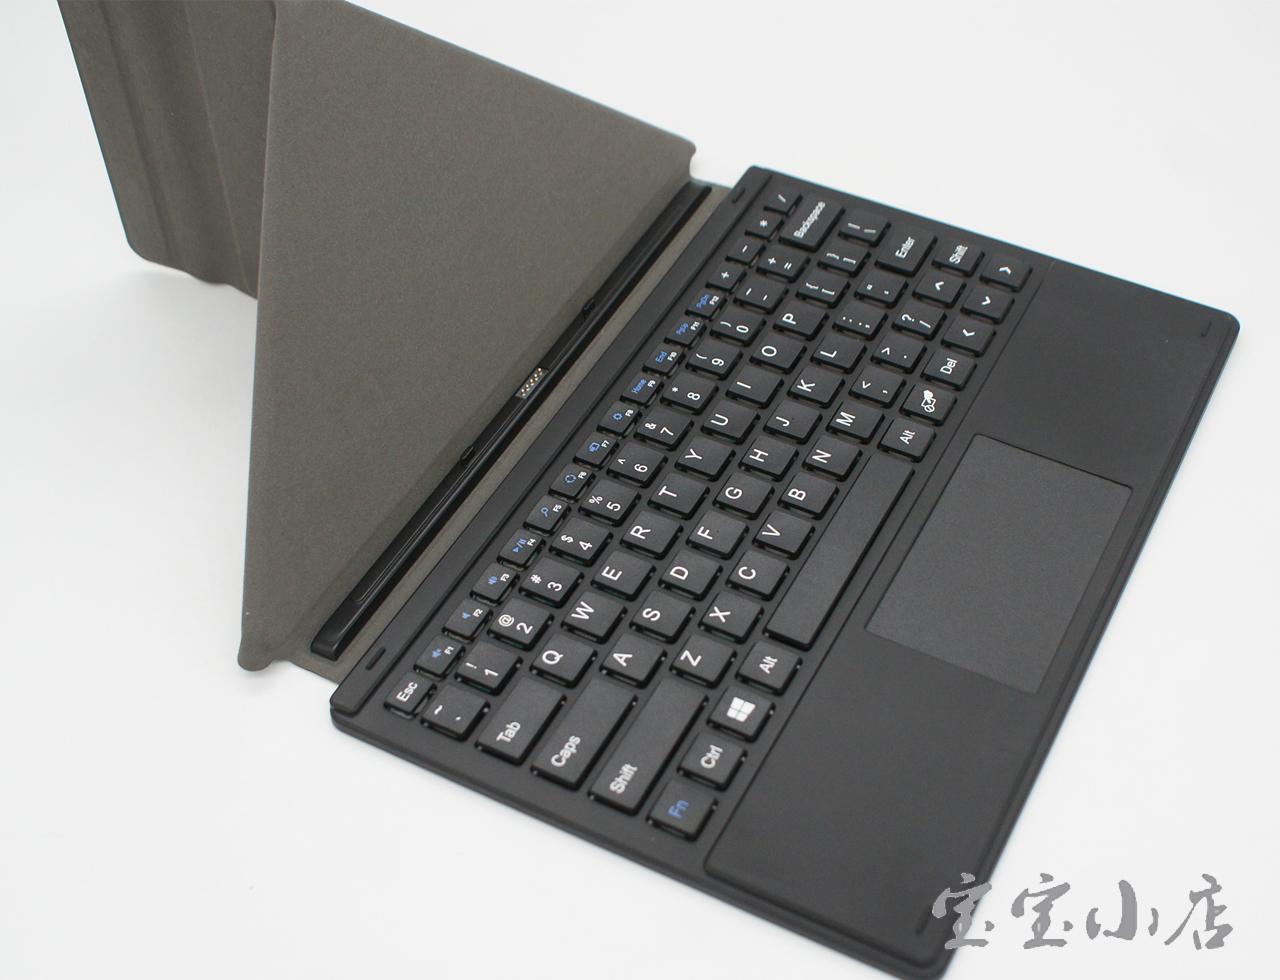 全新蓝影R10 voyo A1 七彩虹I106Q1 原道W11 平板皮套 磁吸键盘保护套